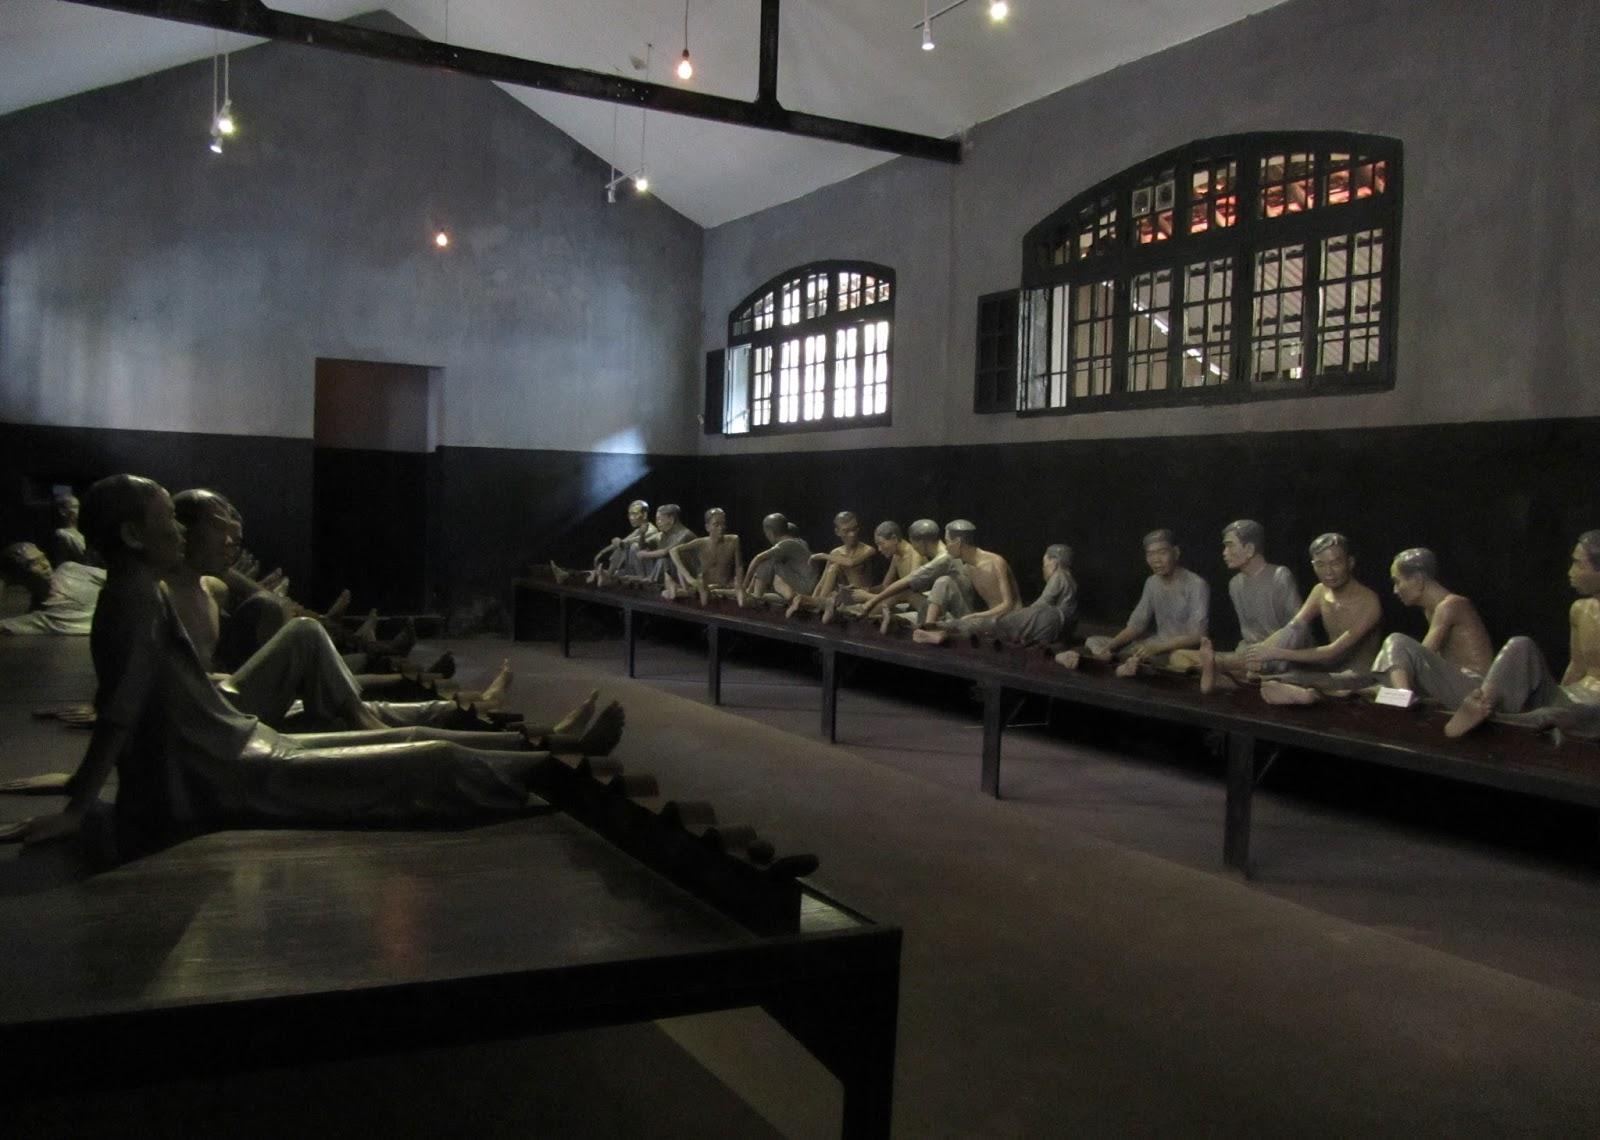 Hanoi Hilton Prison - Hoa Lo Prison Picture 4